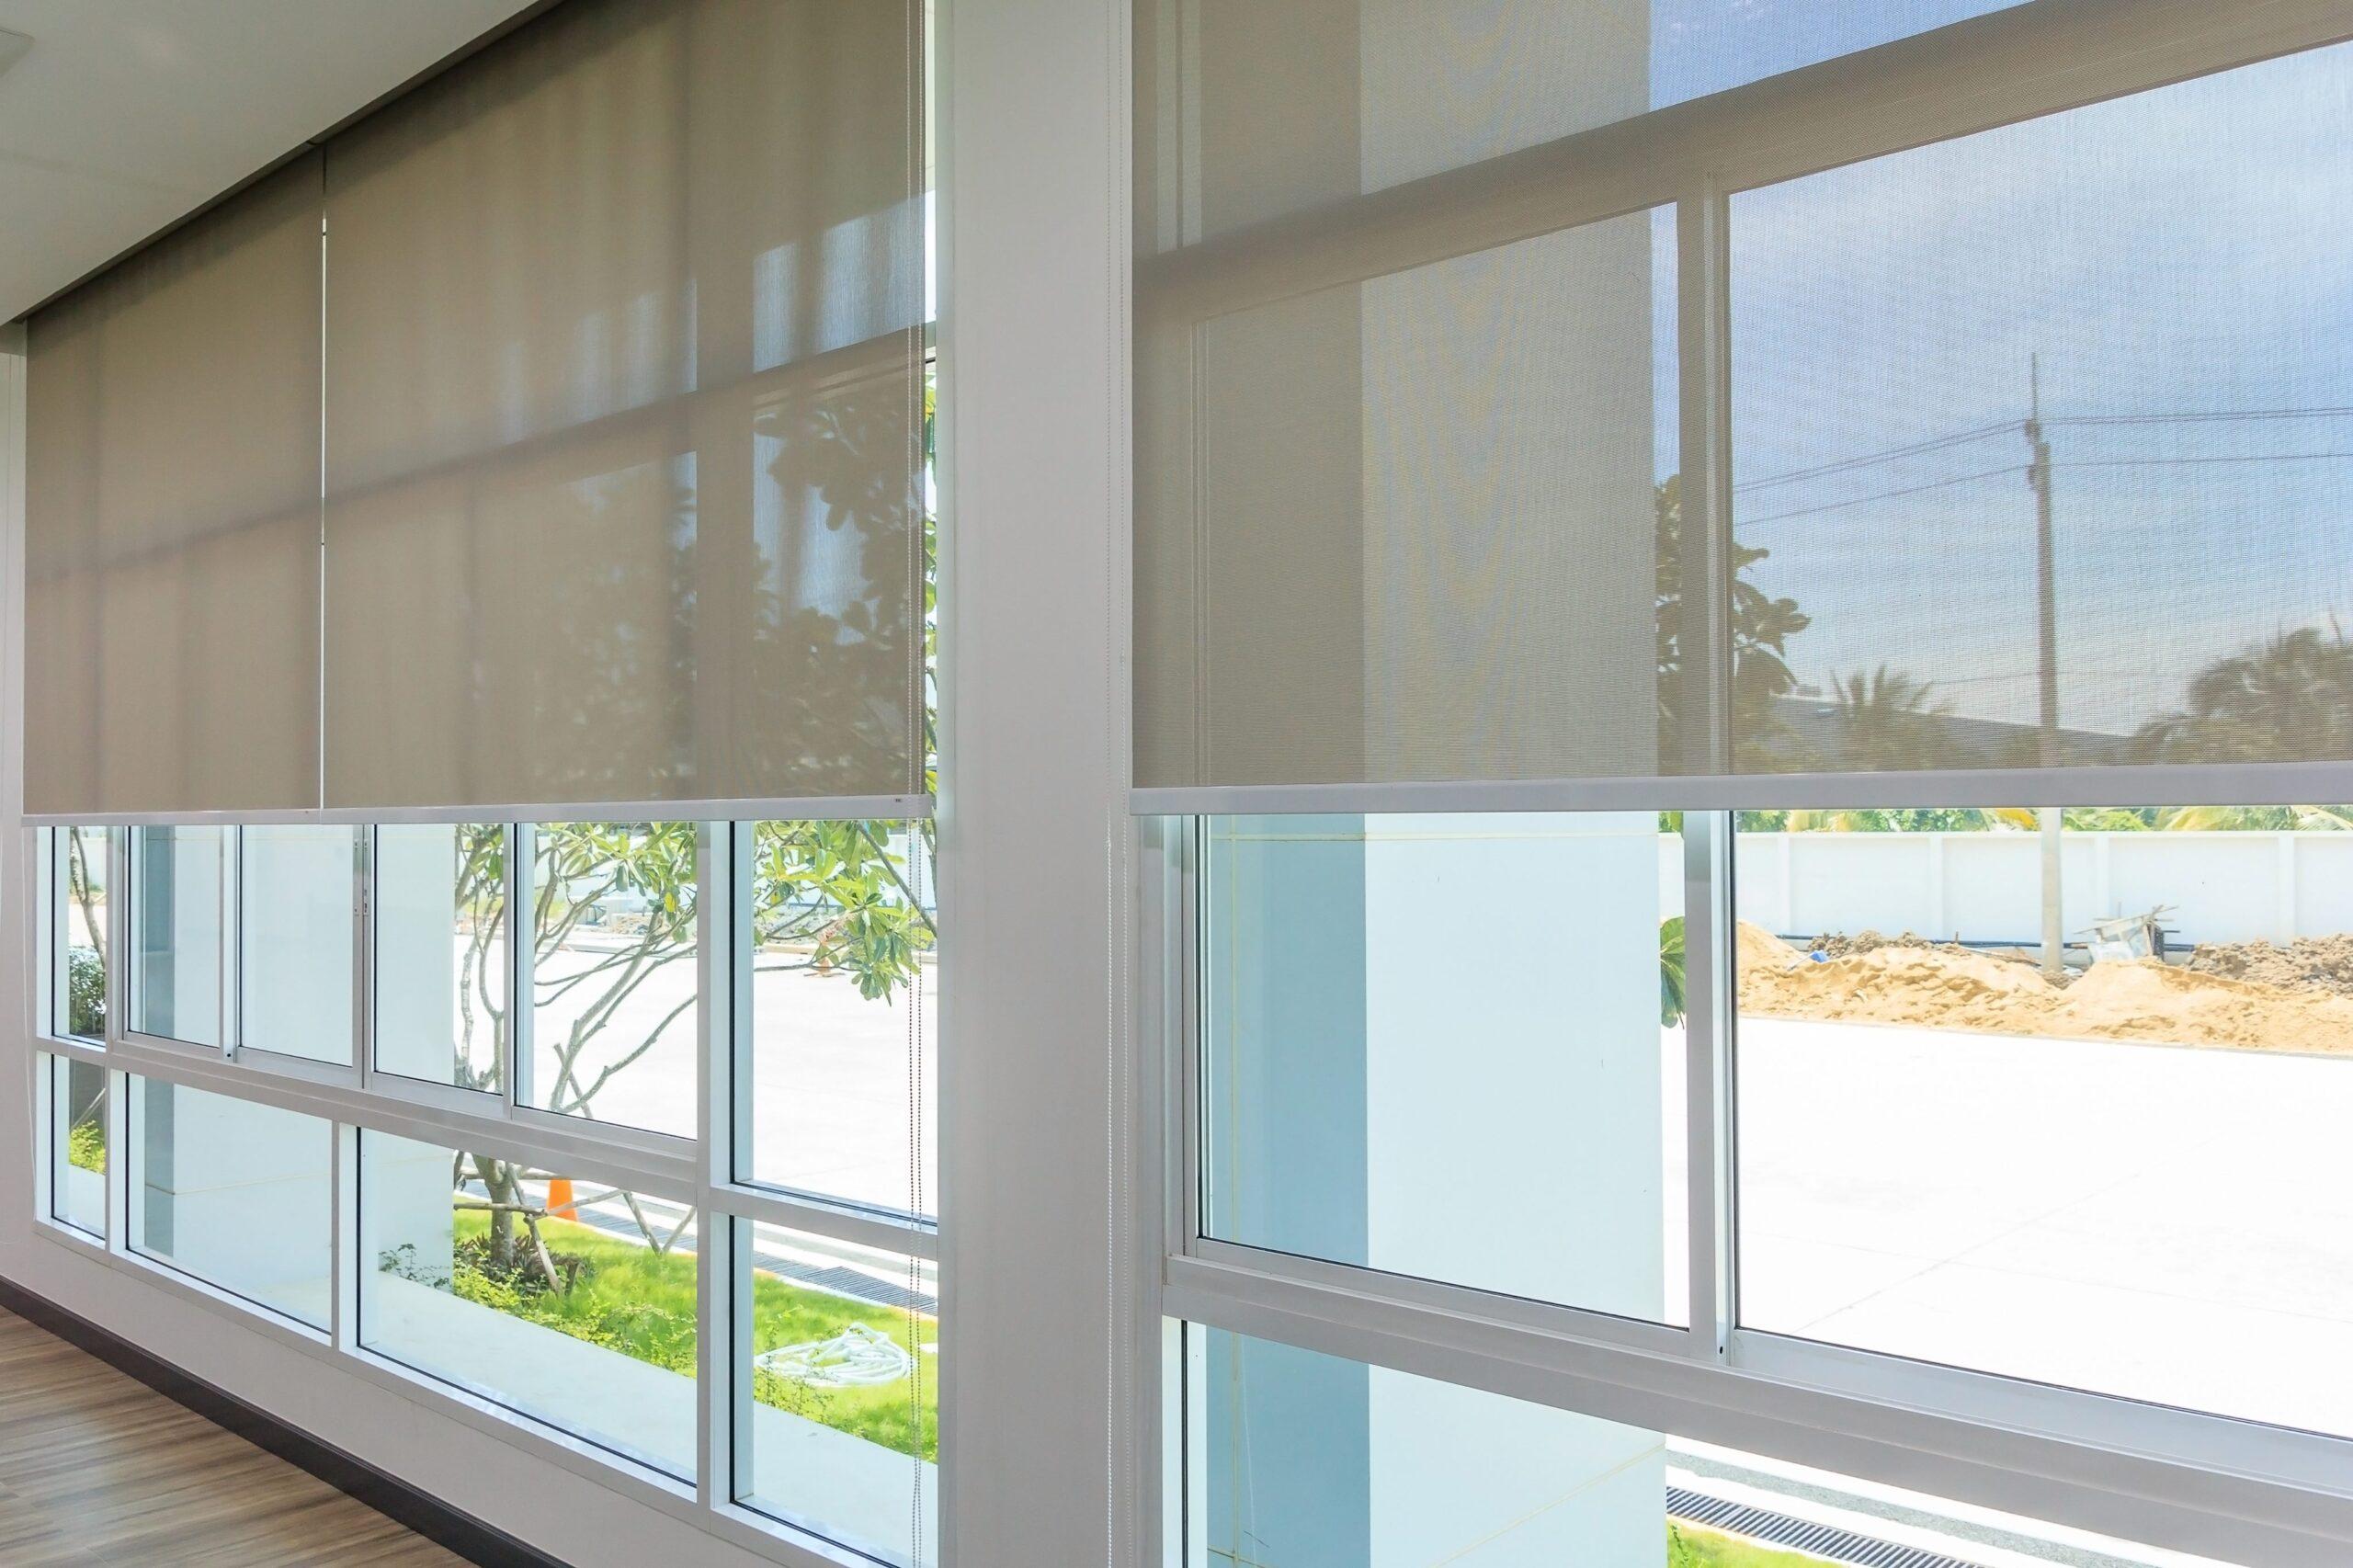 Full Size of Kinderzimmer Regal Regale Fenster Plissee Sofa Weiß Kinderzimmer Plissee Kinderzimmer